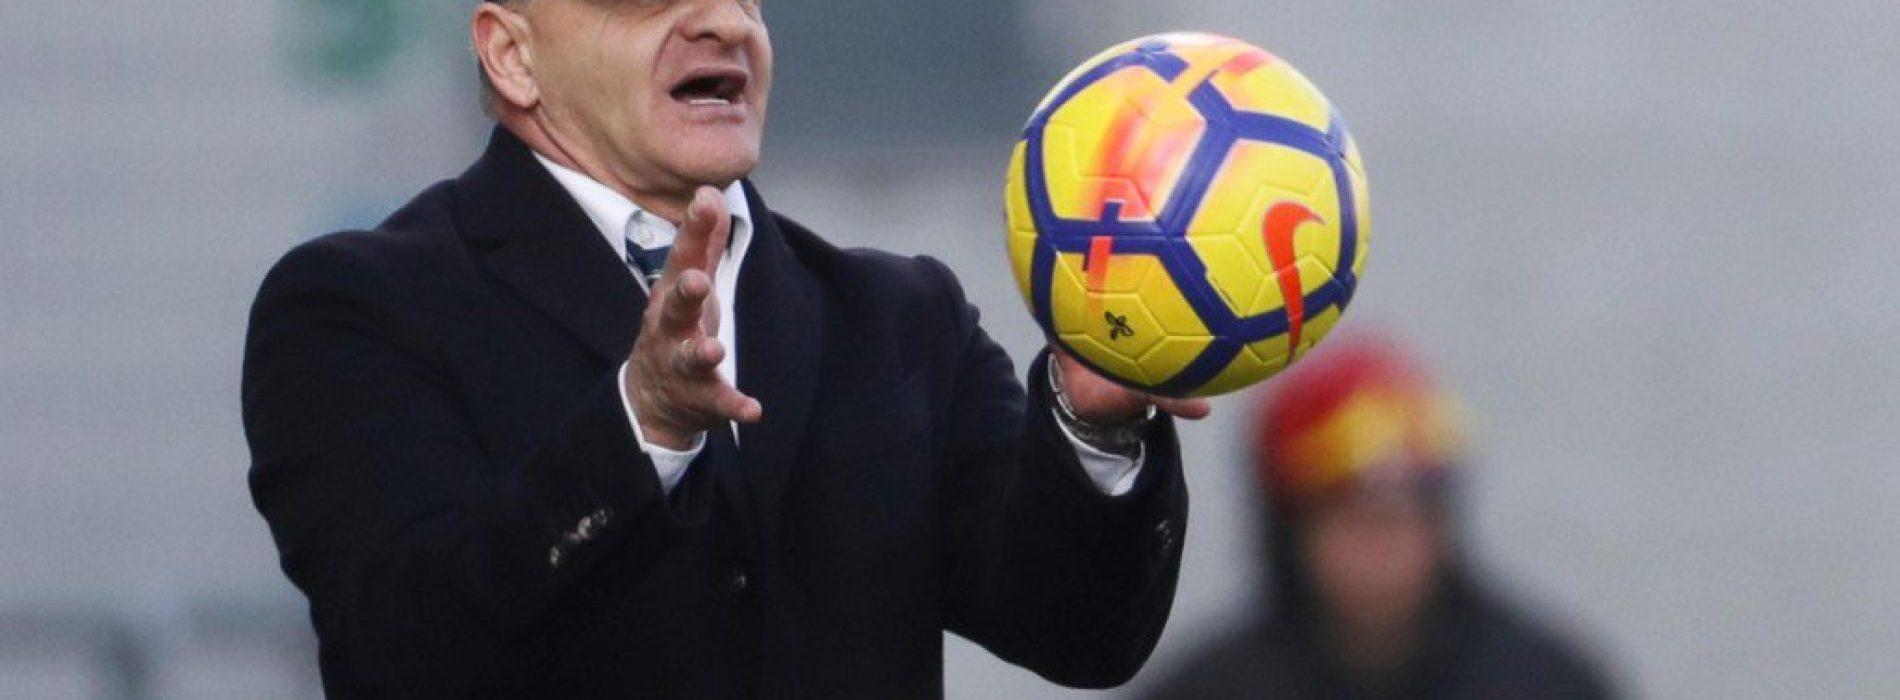 Iachini possibile sostituto di Giampaolo alla Sampdoria. C'è anche la SPAL